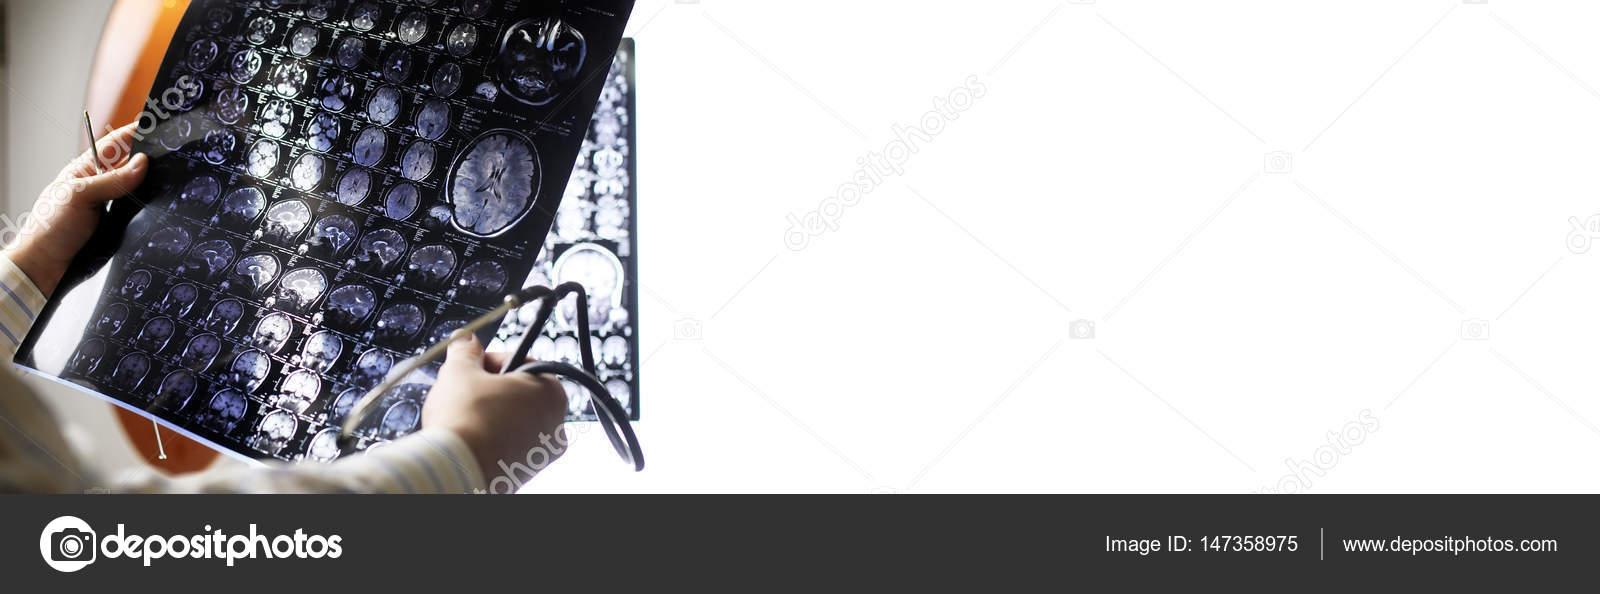 Arzt hält ein Bild eines Gehirns Mri — Stockfoto © alexkich #147358975